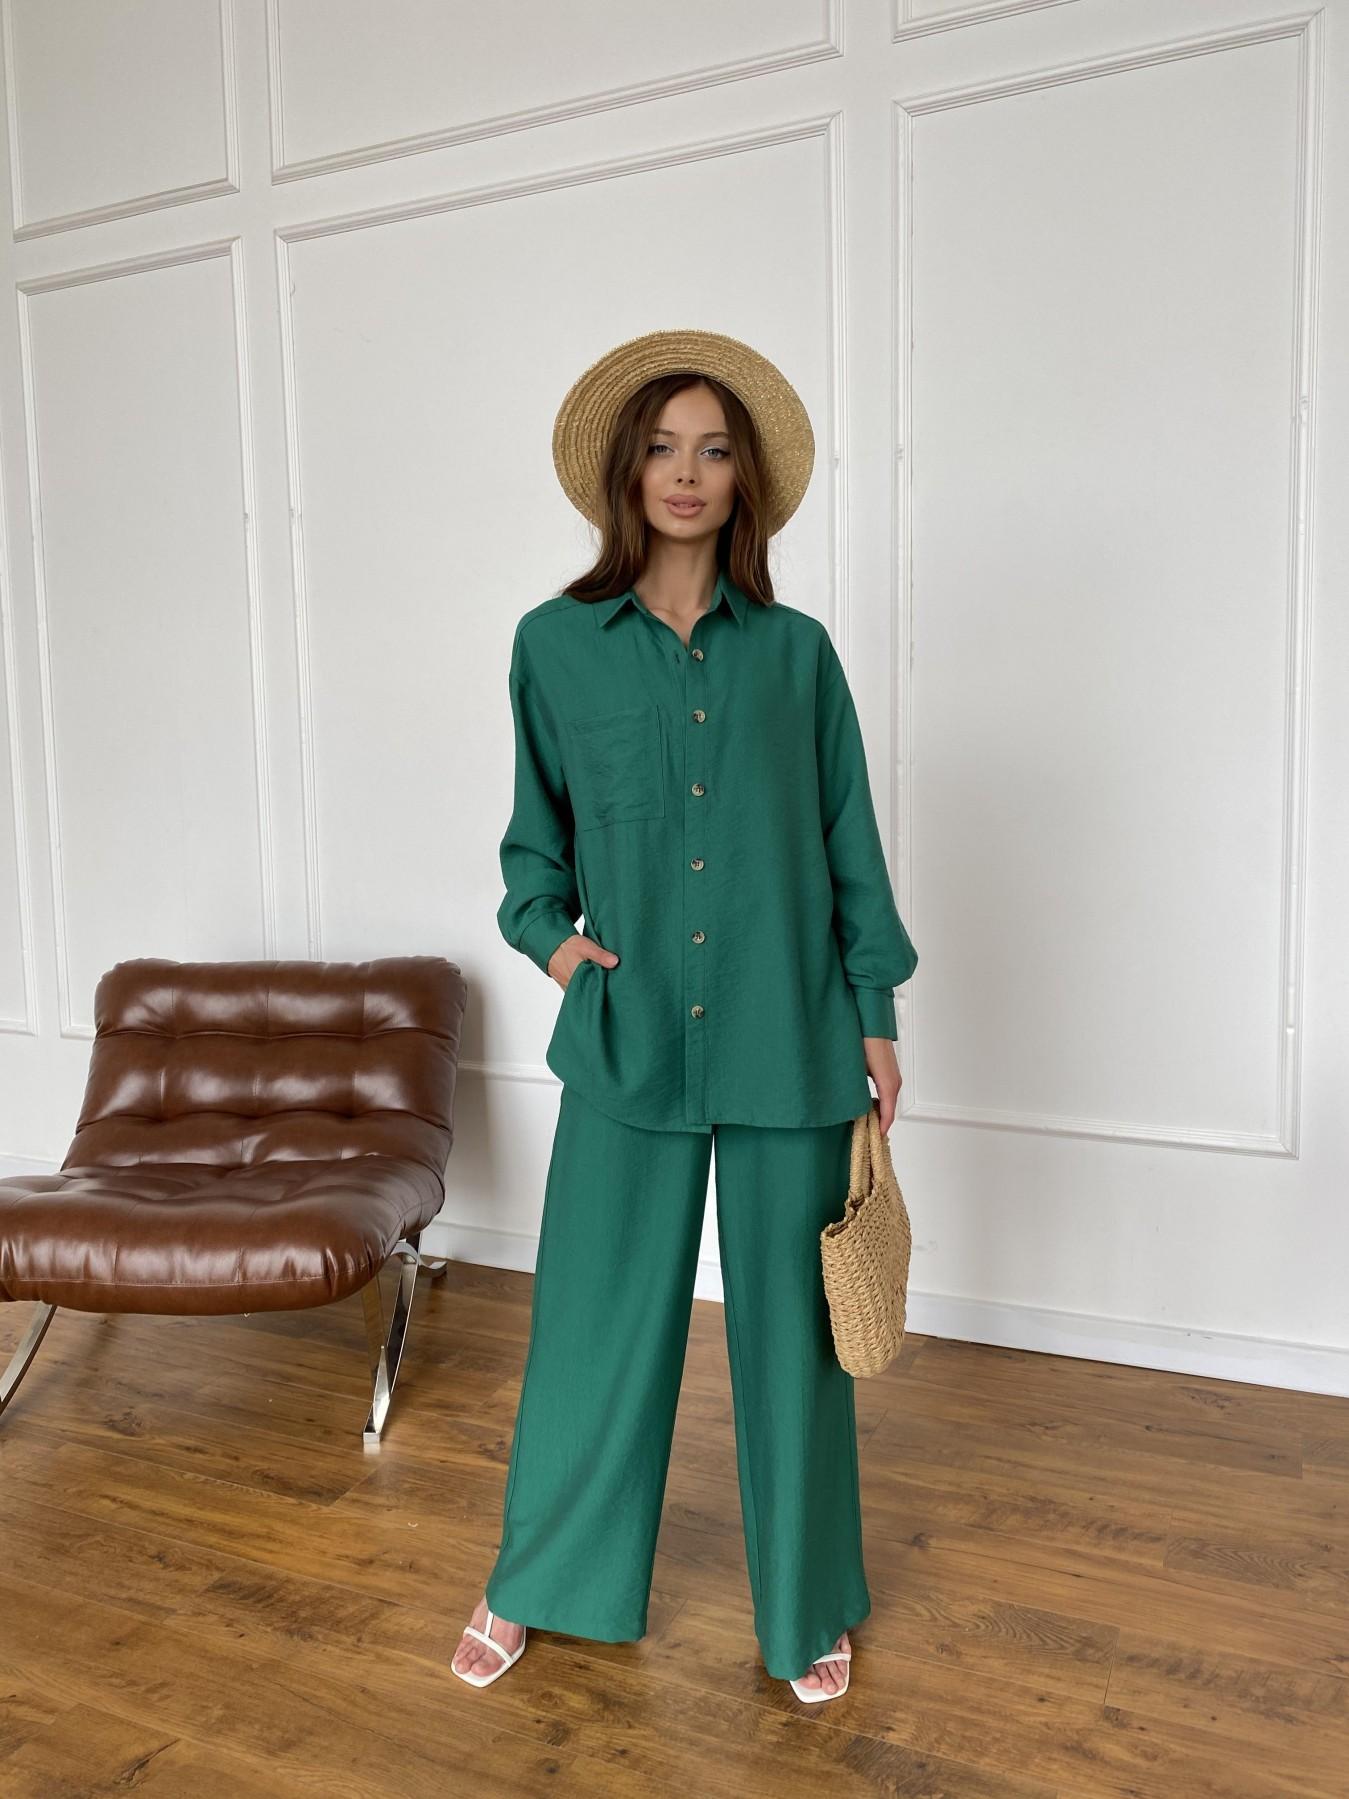 Дуэтто костюм из льна жатка не стрейч 11413 АРТ. 47961 Цвет: Зеленый - фото 7, интернет магазин tm-modus.ru